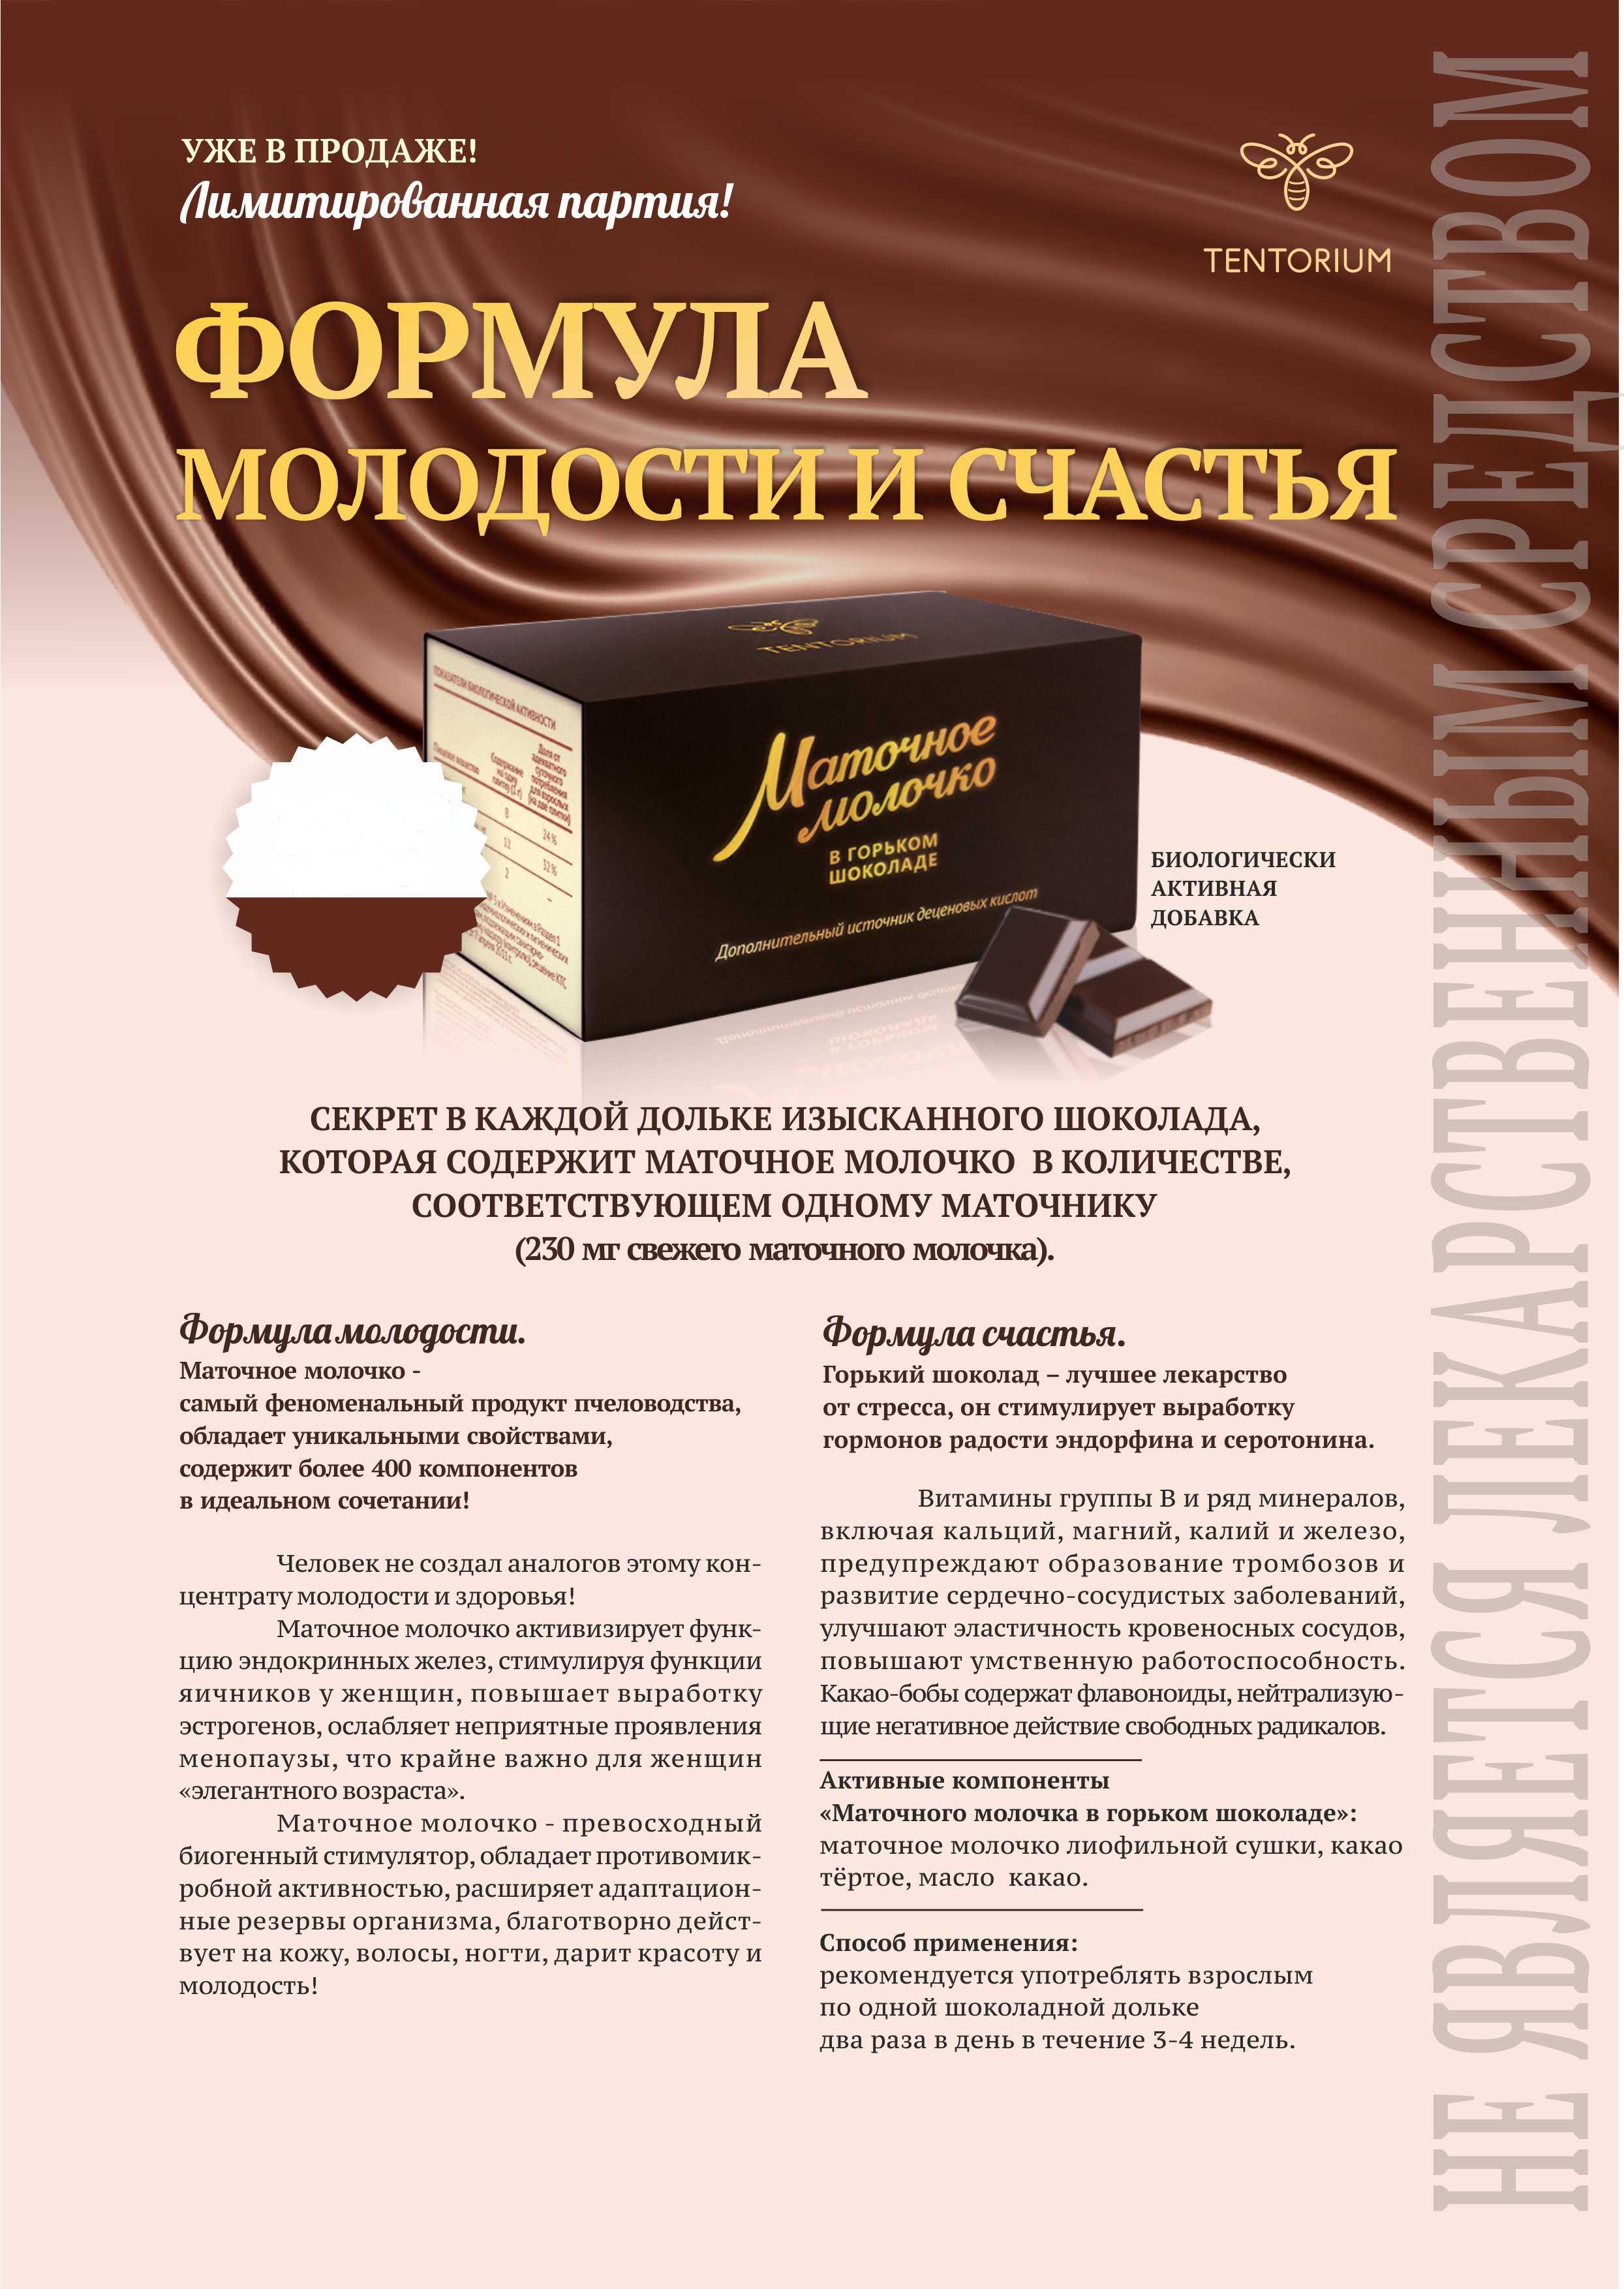 Маточное молочко в горьком шоколаде от Тенториум